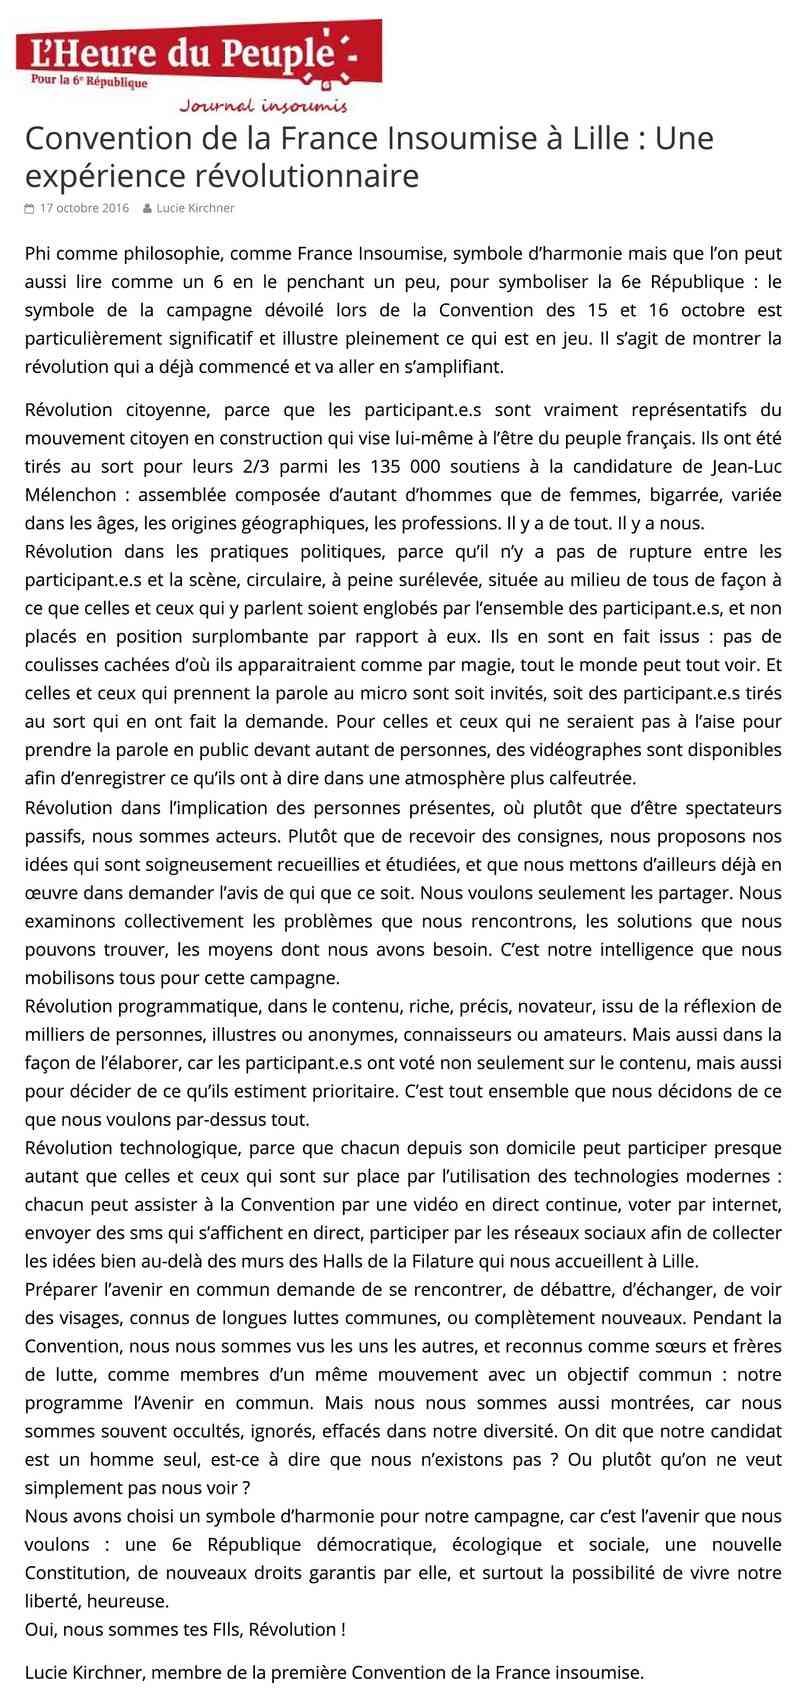 CONVENTION DE LA FRANCE INSOUMISE À LILLE Conven10